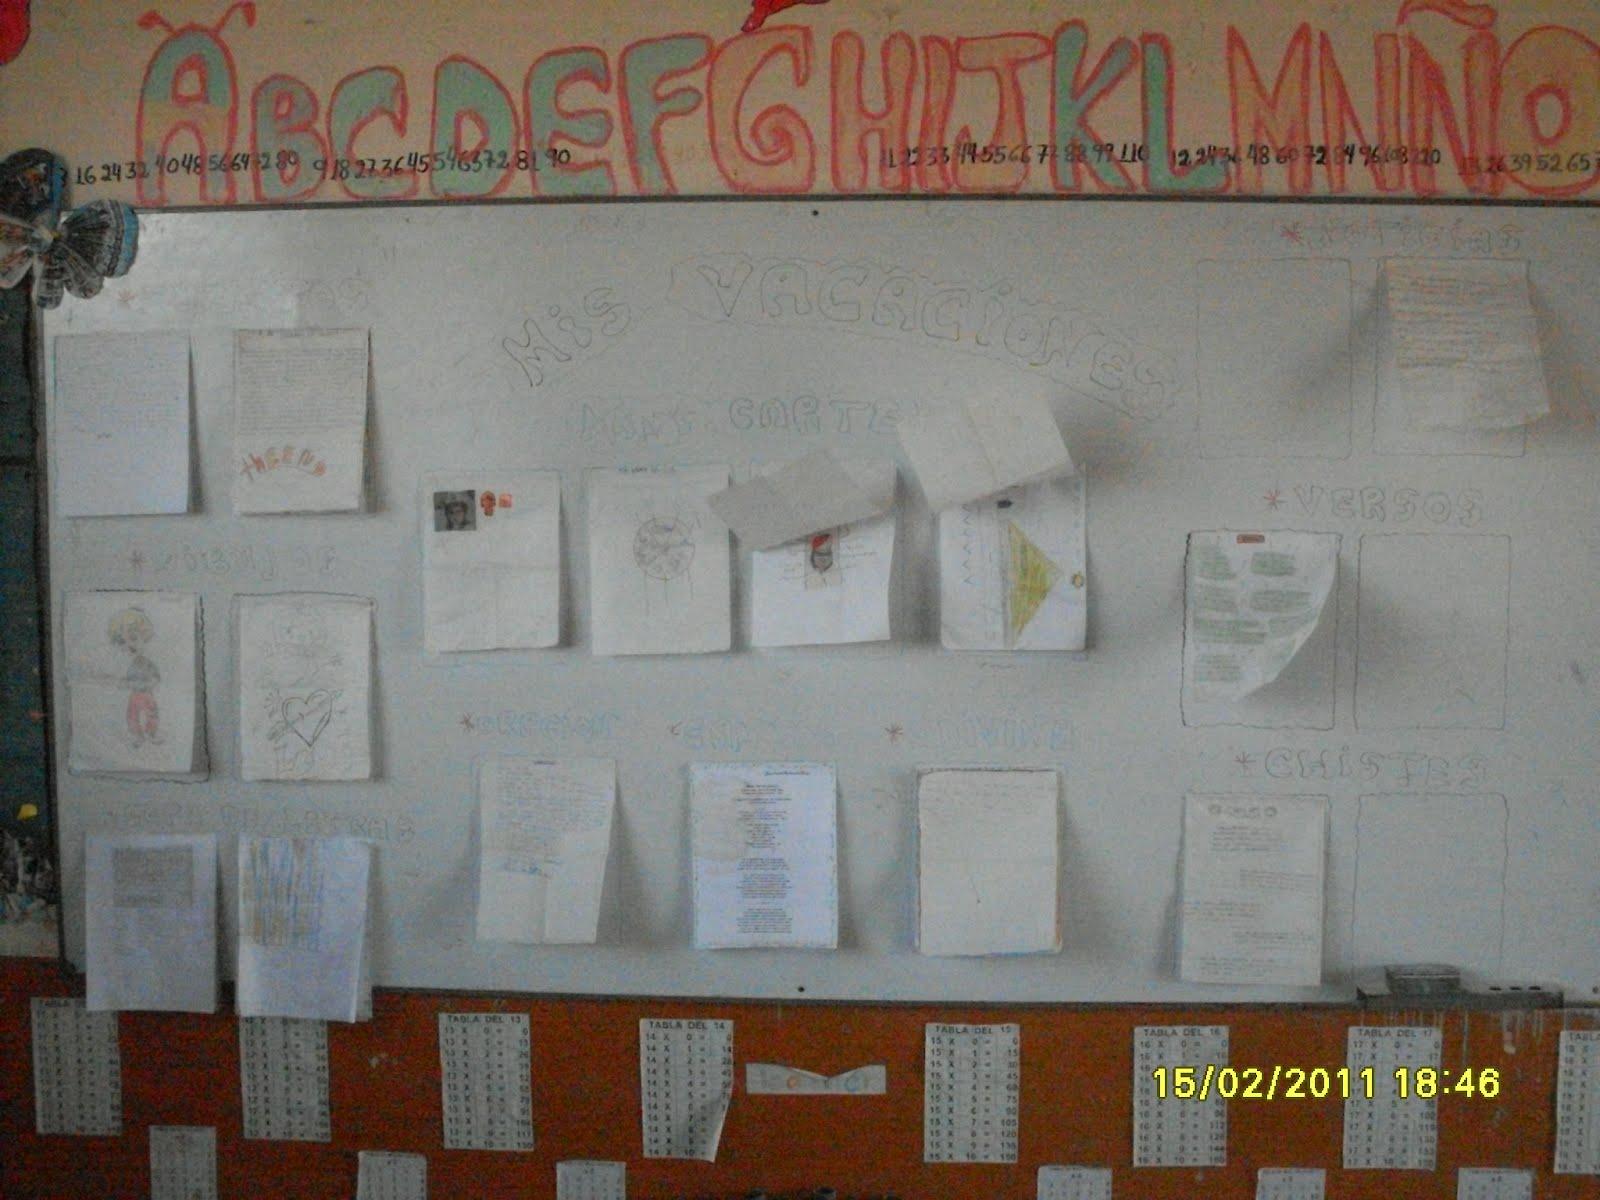 Mi escuela educa periodico mural escolar 2012 for Diario mural escolar